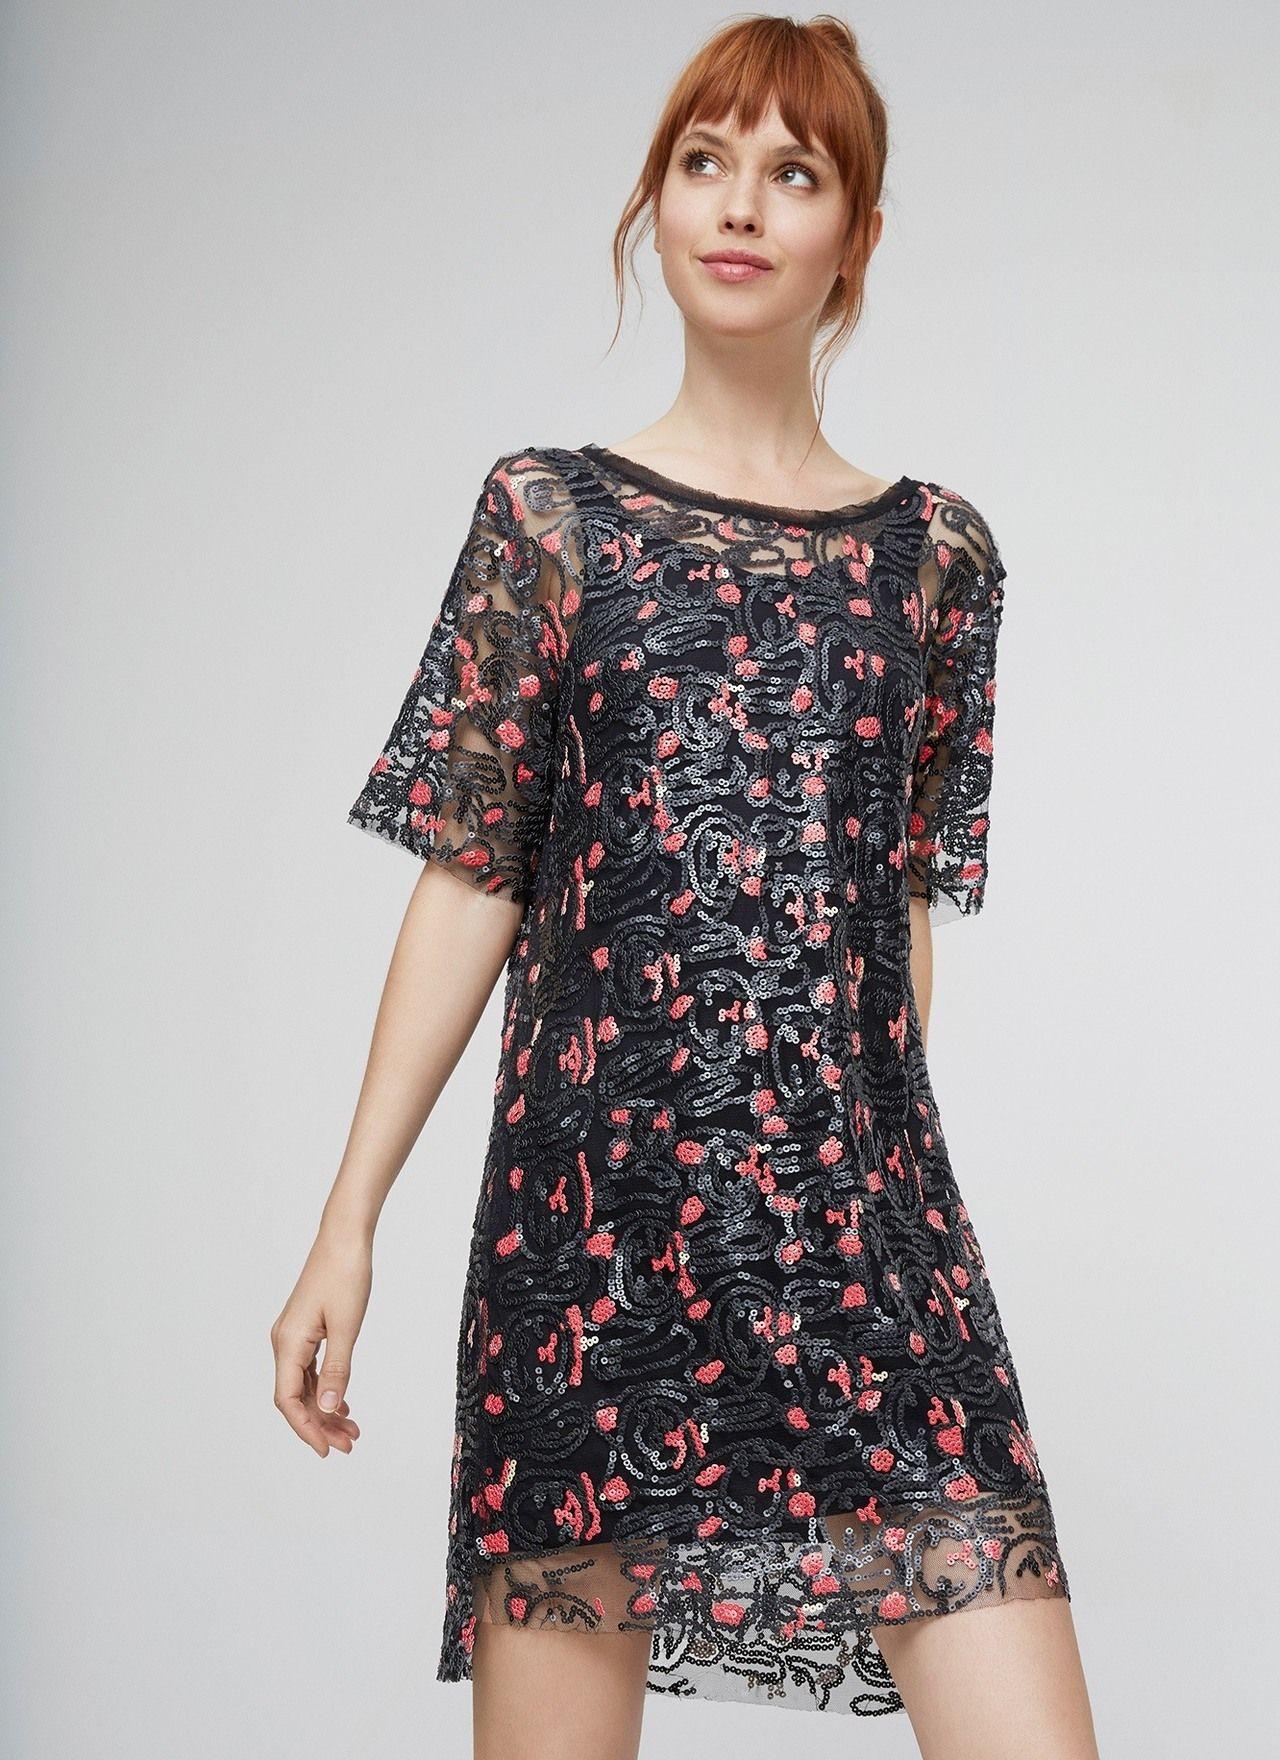 Vestido lentejuelas con transparencias colecci n for Vestidos adolfo dominguez outlet online